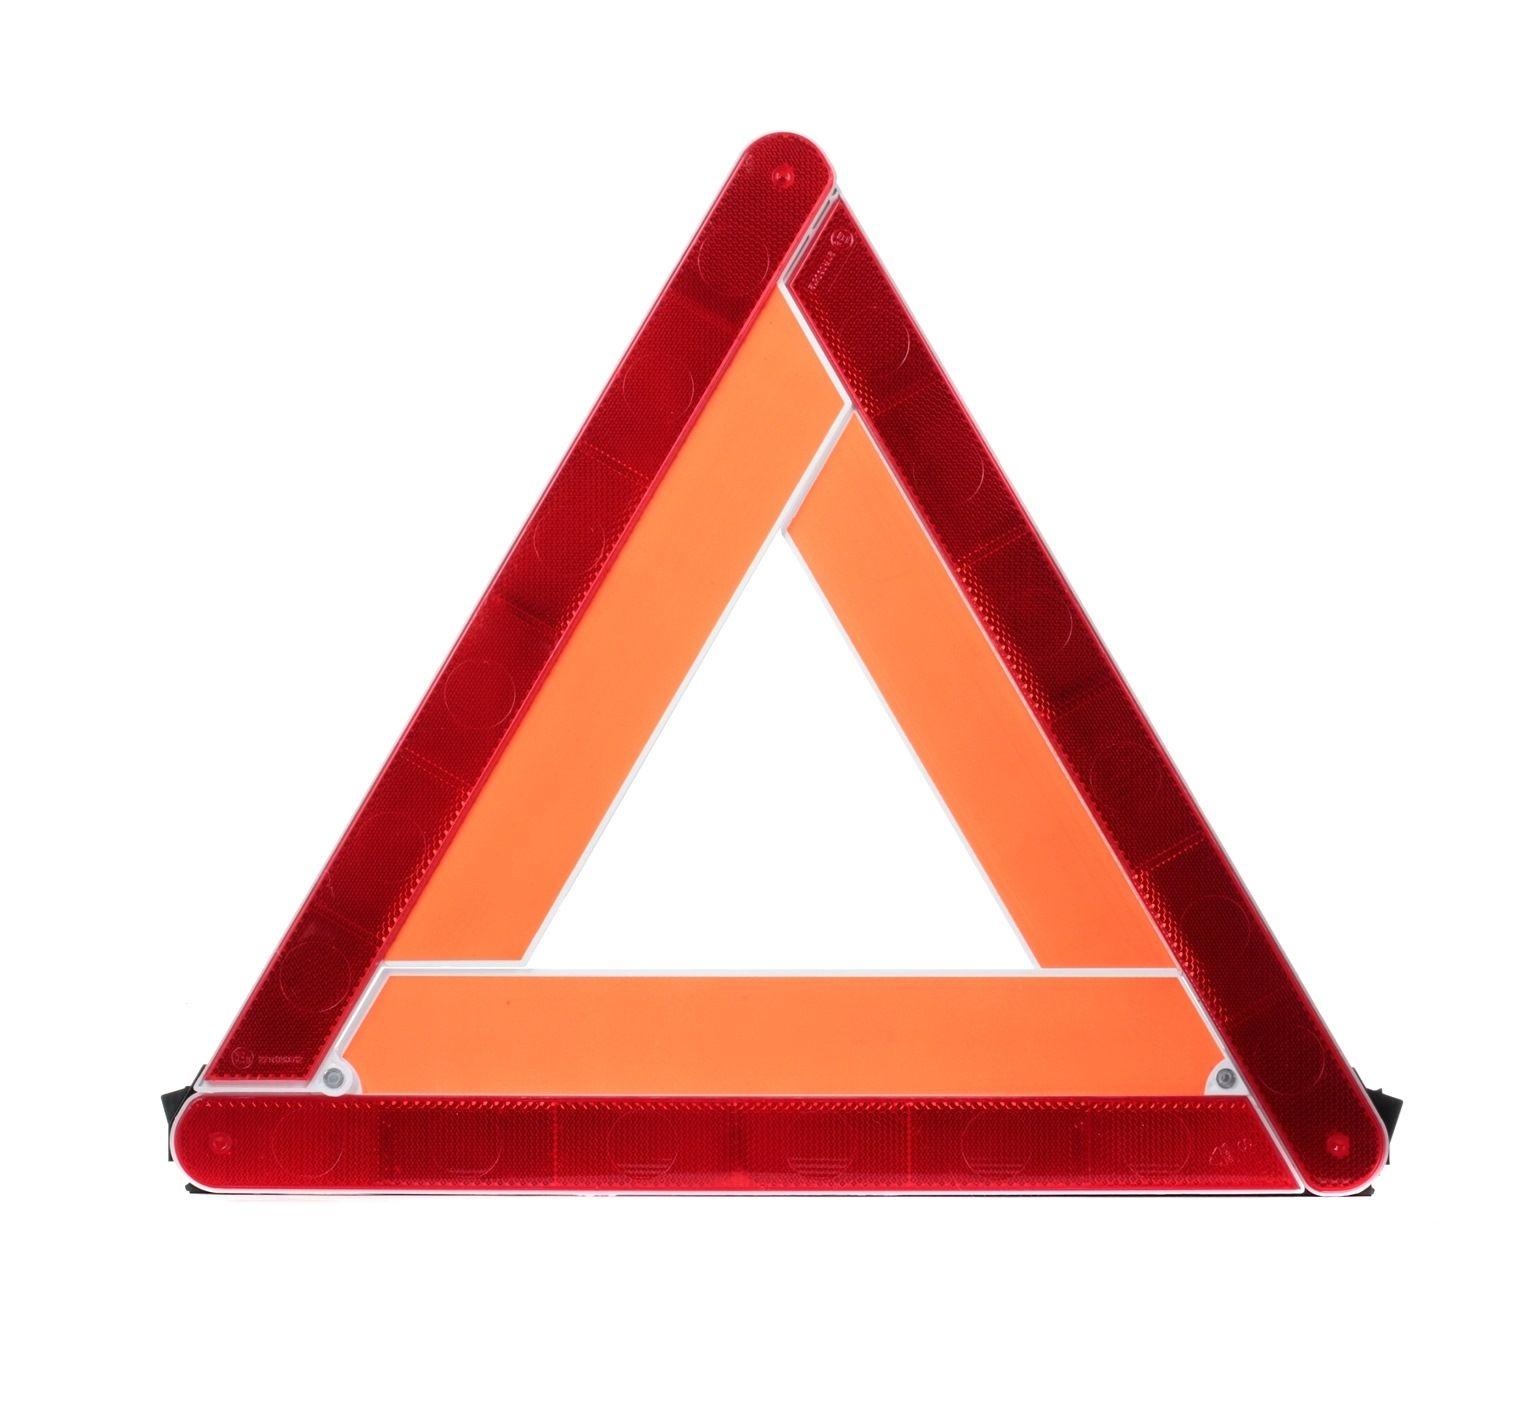 Trángulo de advertencia APA 31050 evaluación